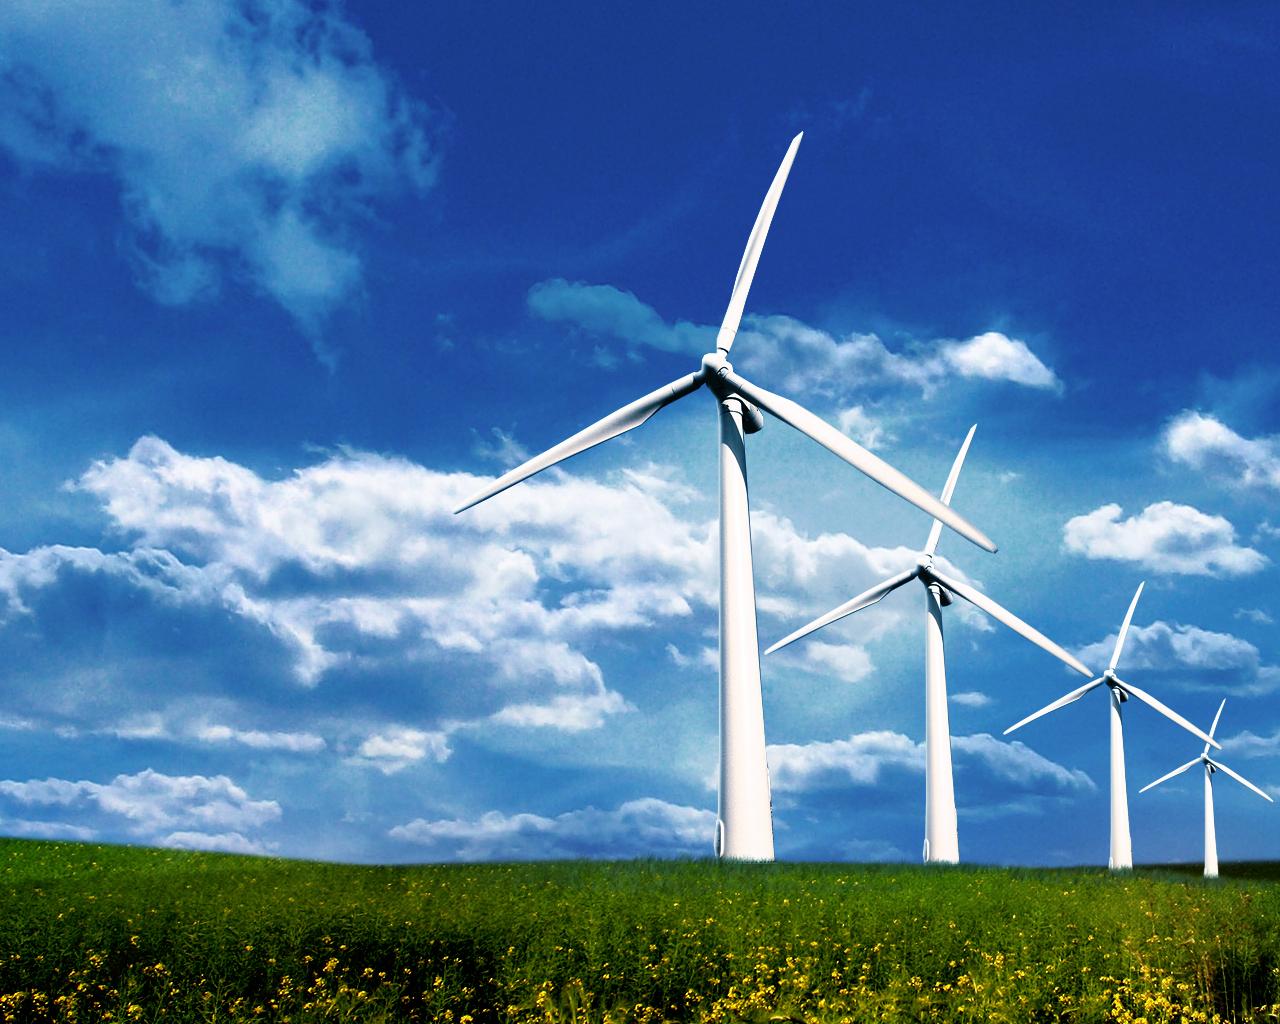 Dlaczego zużycie energii elektrycznej w Polsce w 2014 roku przekroczyło produkcję?